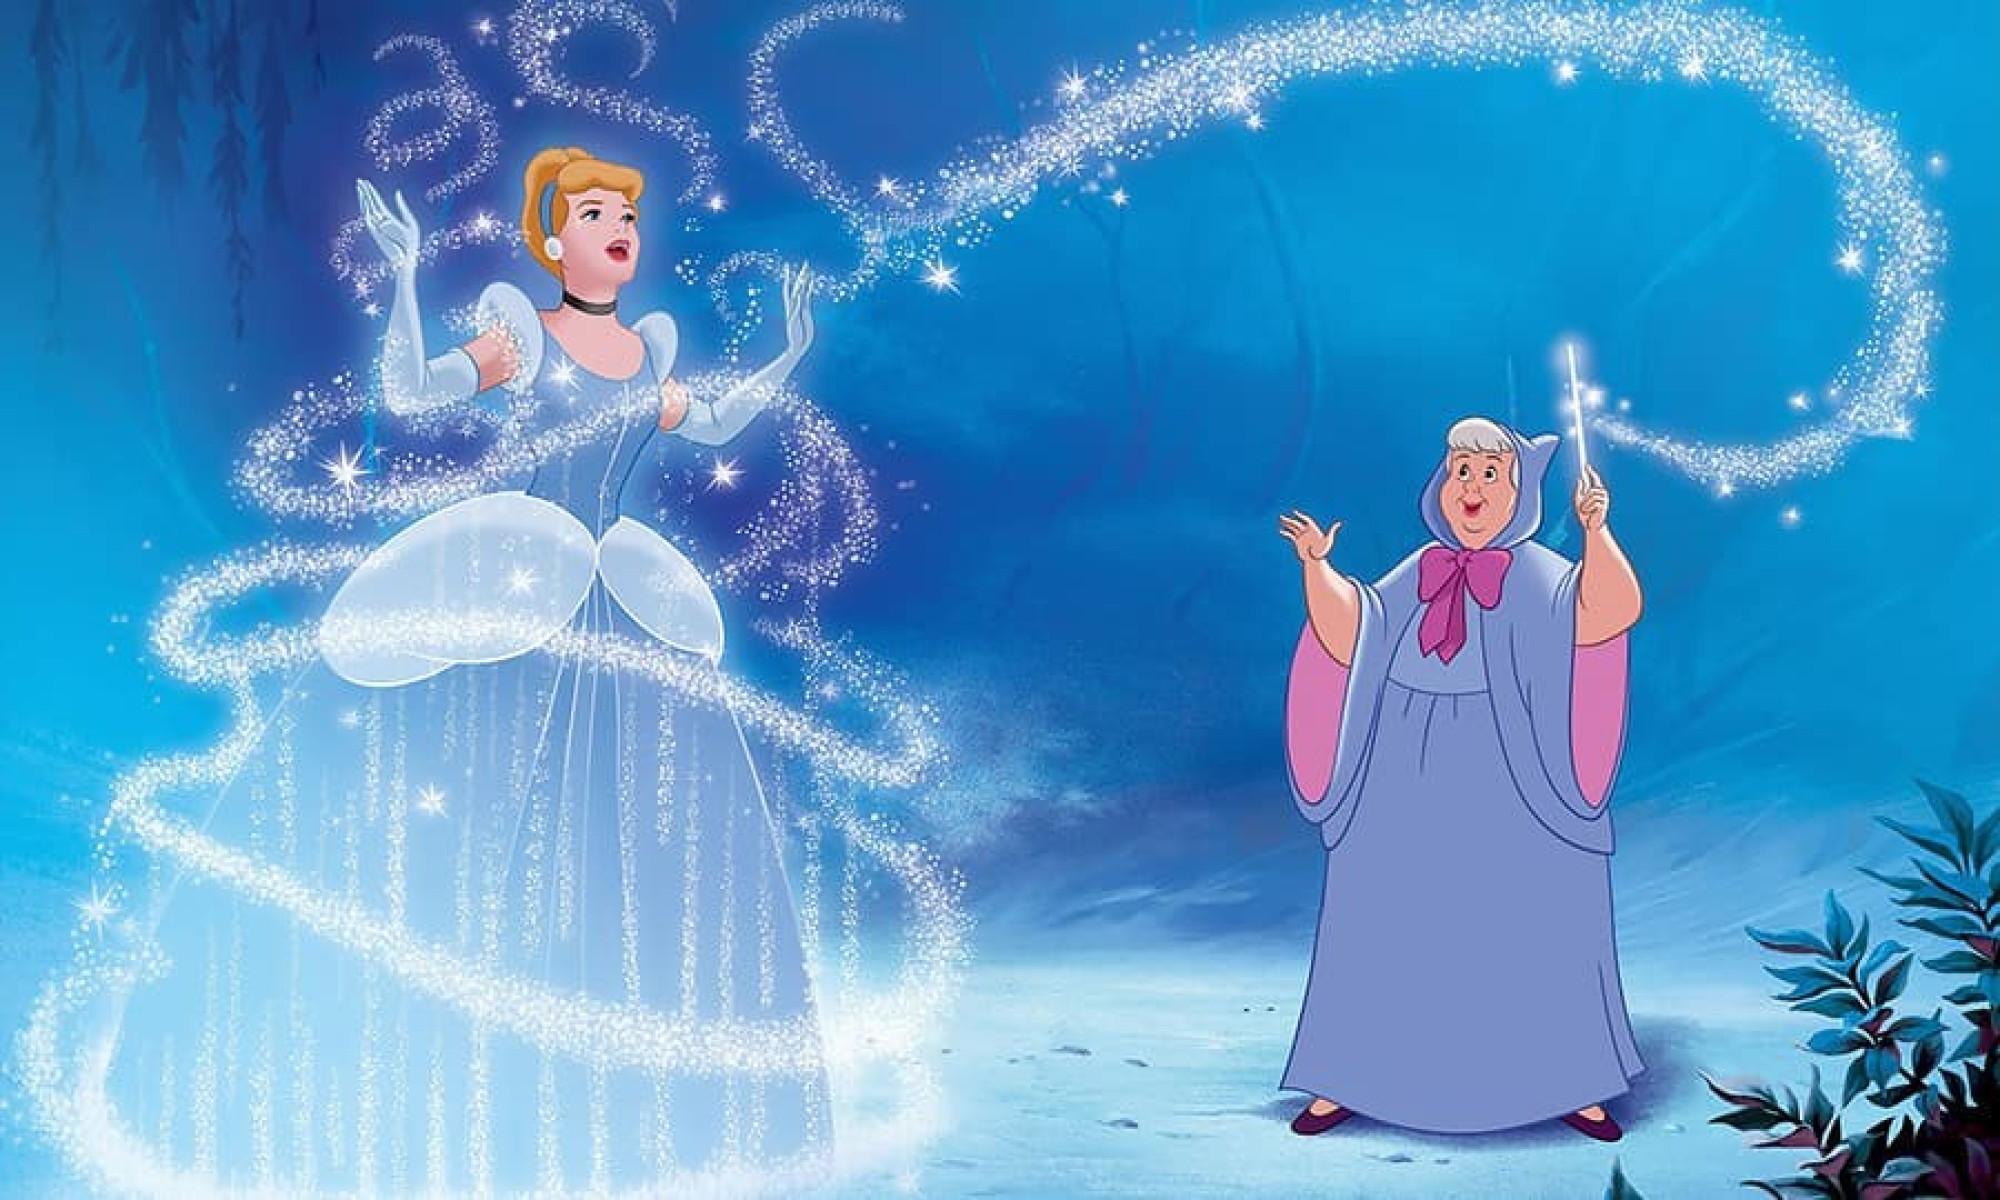 シンデレラ フェアリー ゴッド マザー 「シンデレラ」魔女・魔法使いの正体は母親?フェアリーゴッドマザー...